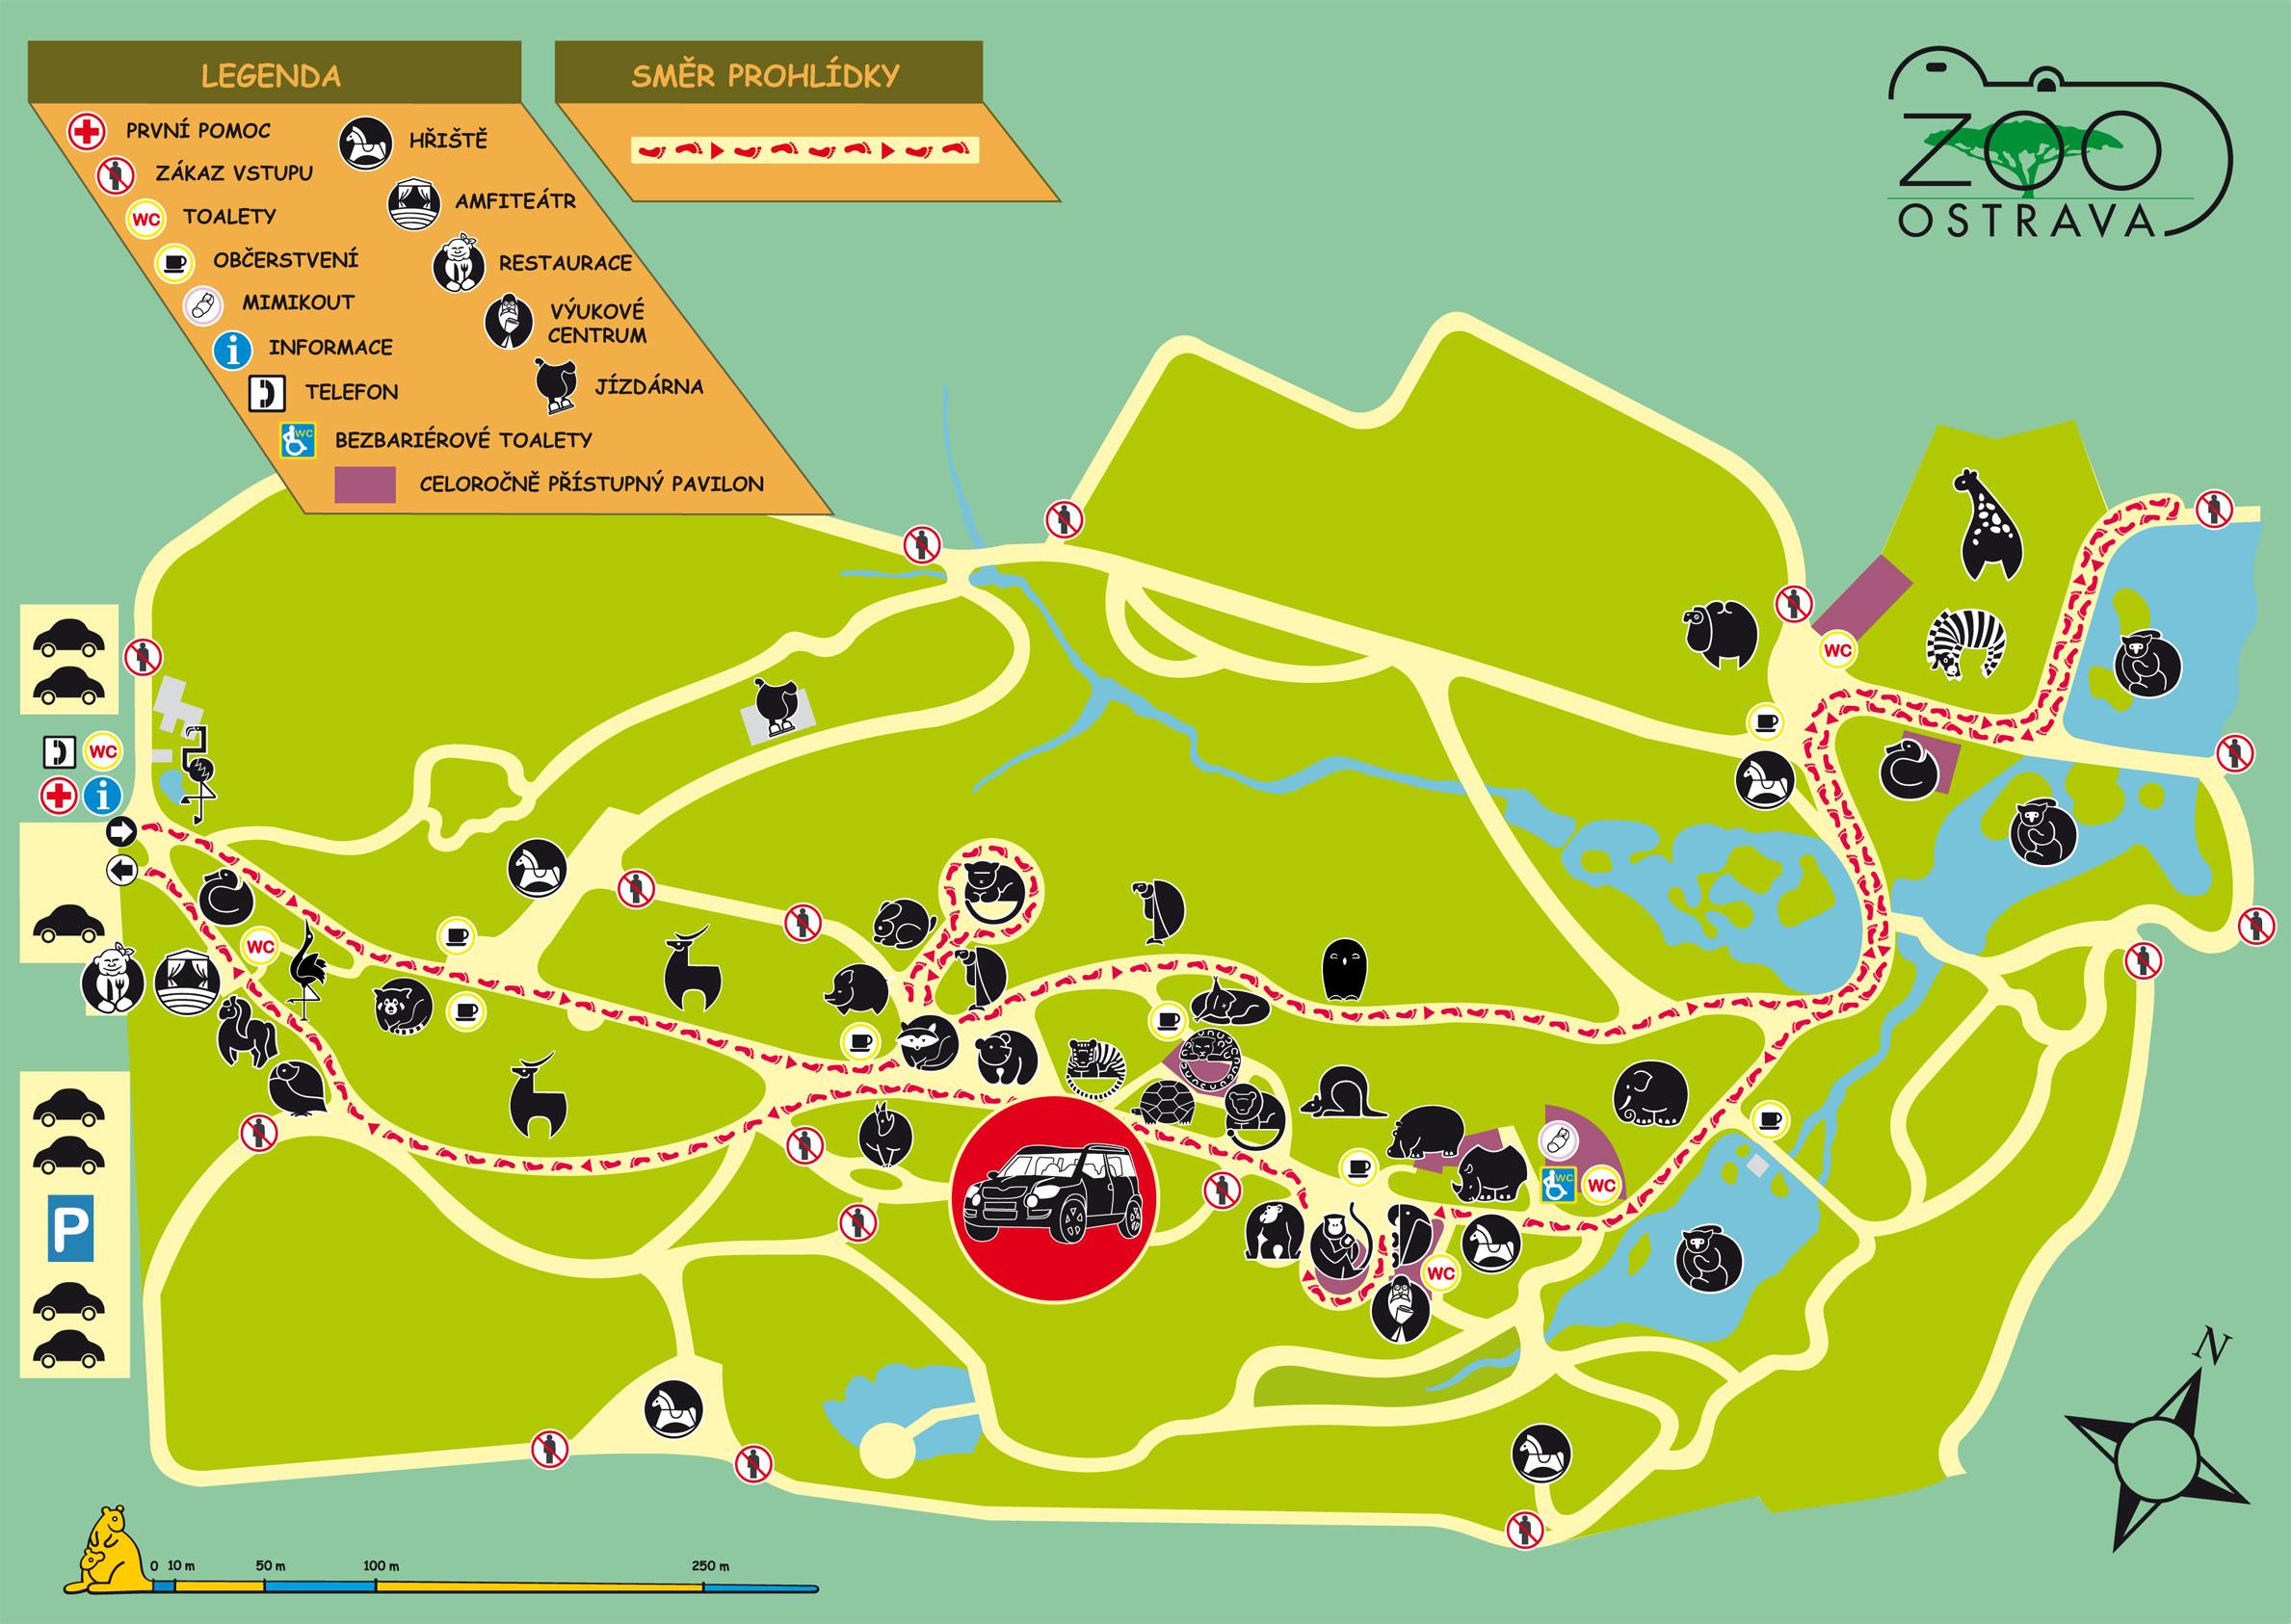 Zoos Ostrava